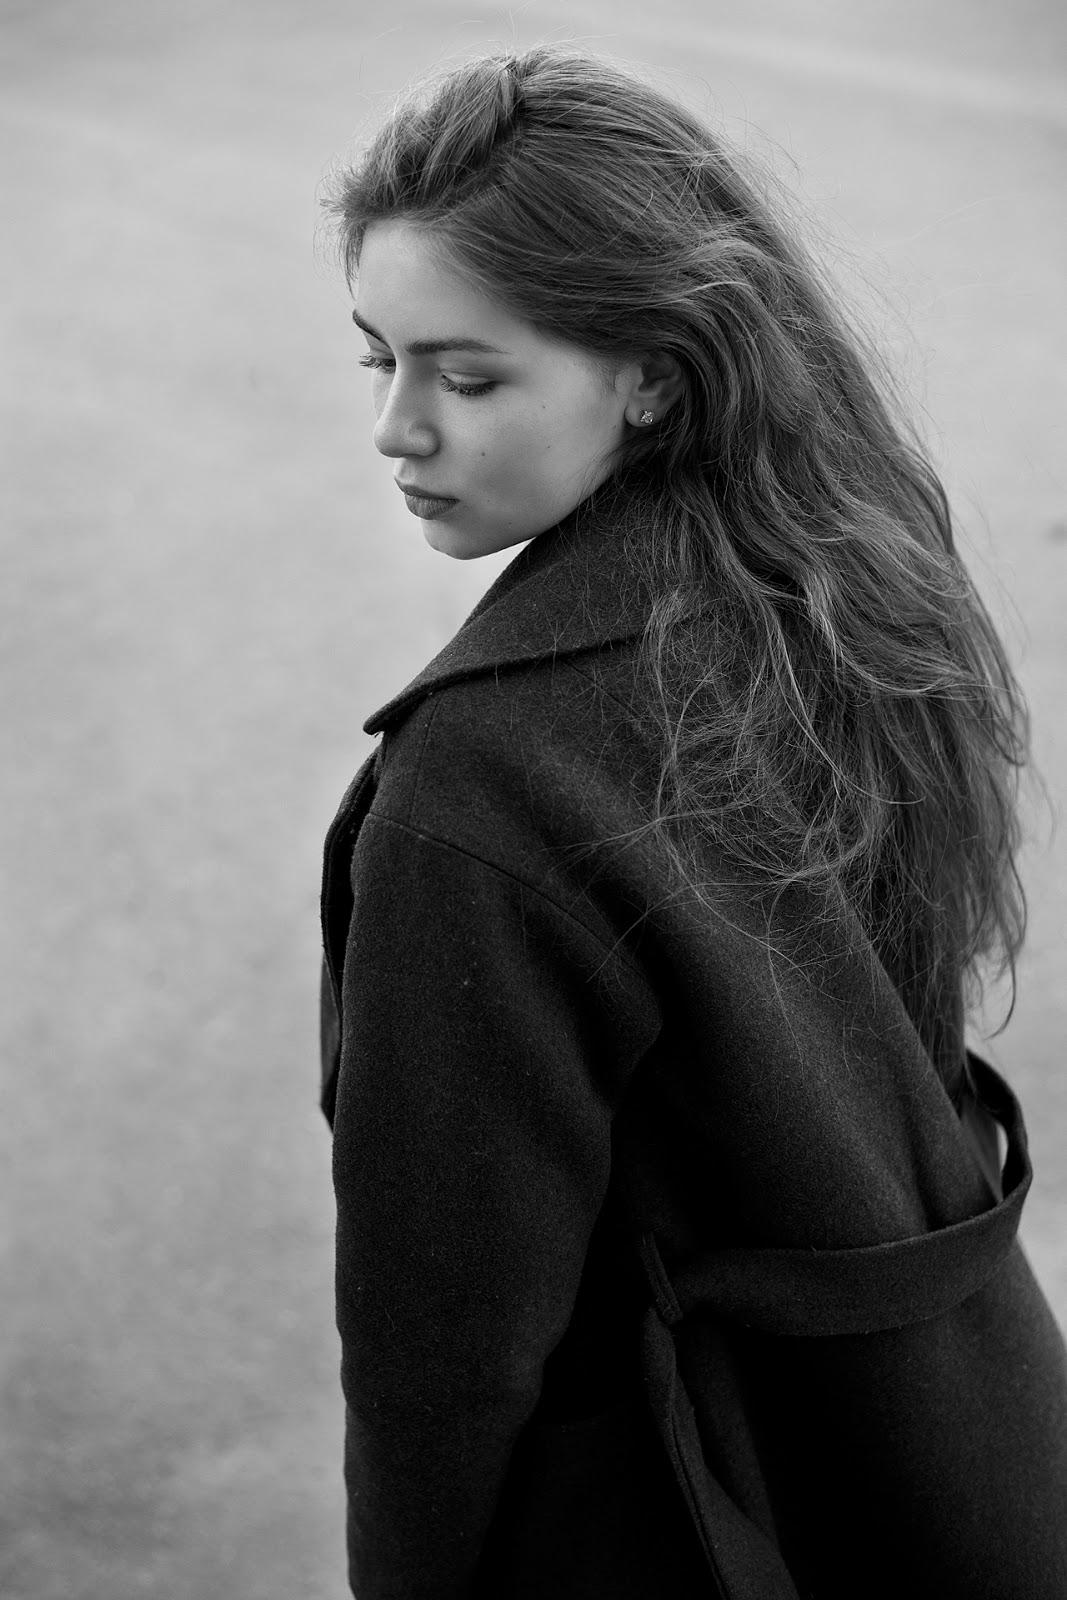 Черно-белый портрет. Фотография